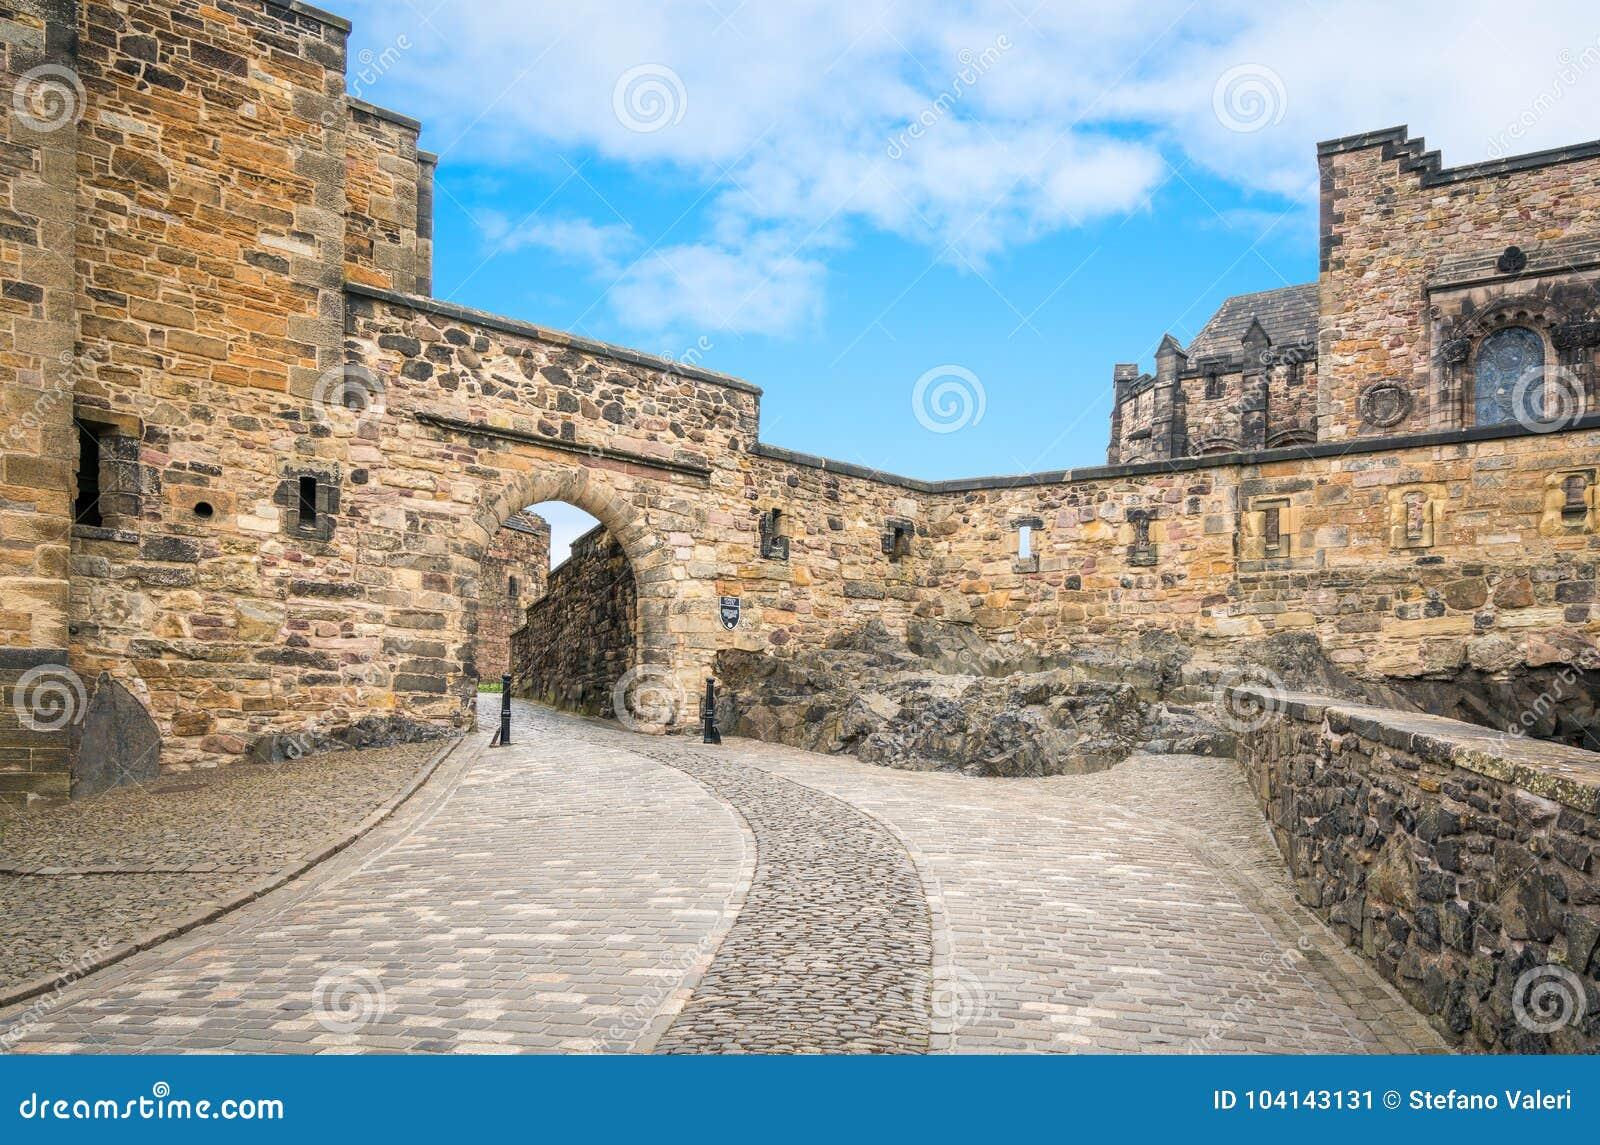 Вход к квадрату замка Эдинбурга внутреннему, Шотландия